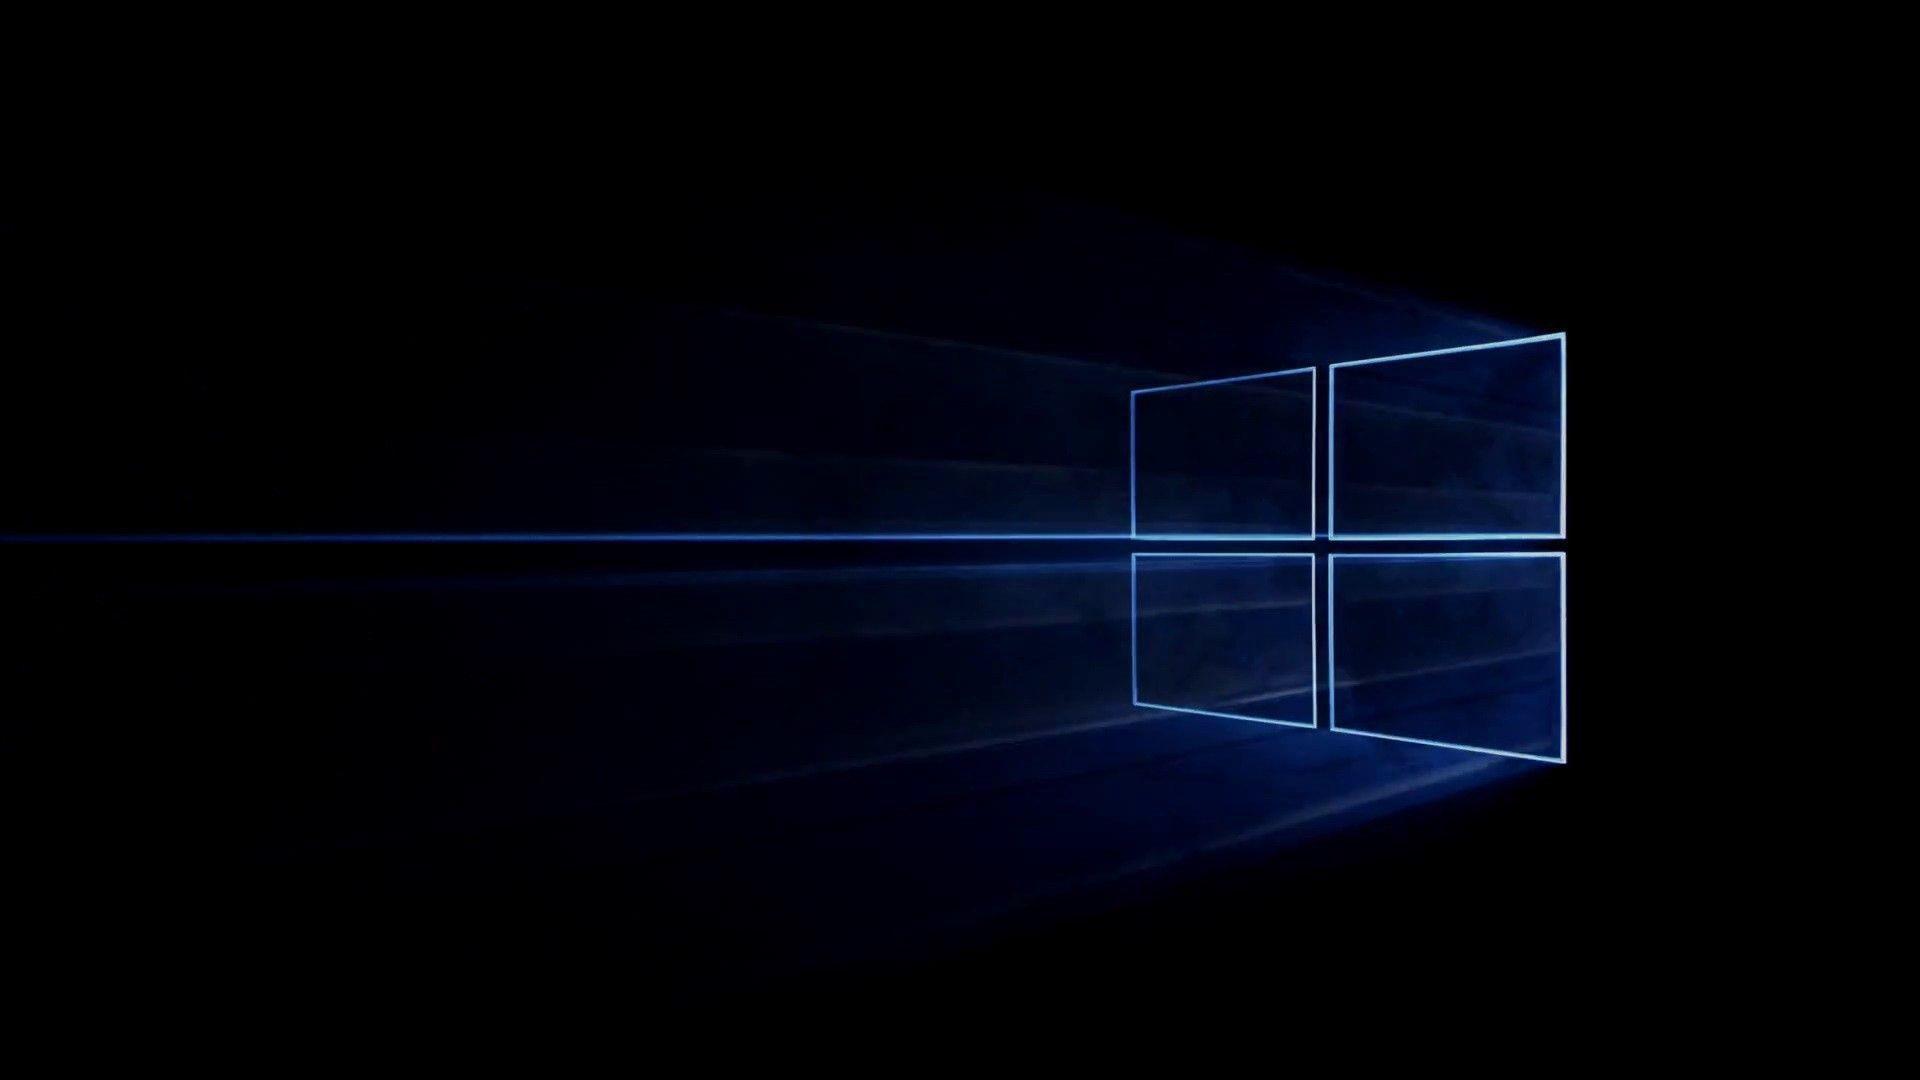 Best Of Wallpaper Bergerak Windows 10 738520038880812325 Di 2020 Objek Gambar Gambar Mengagumkan